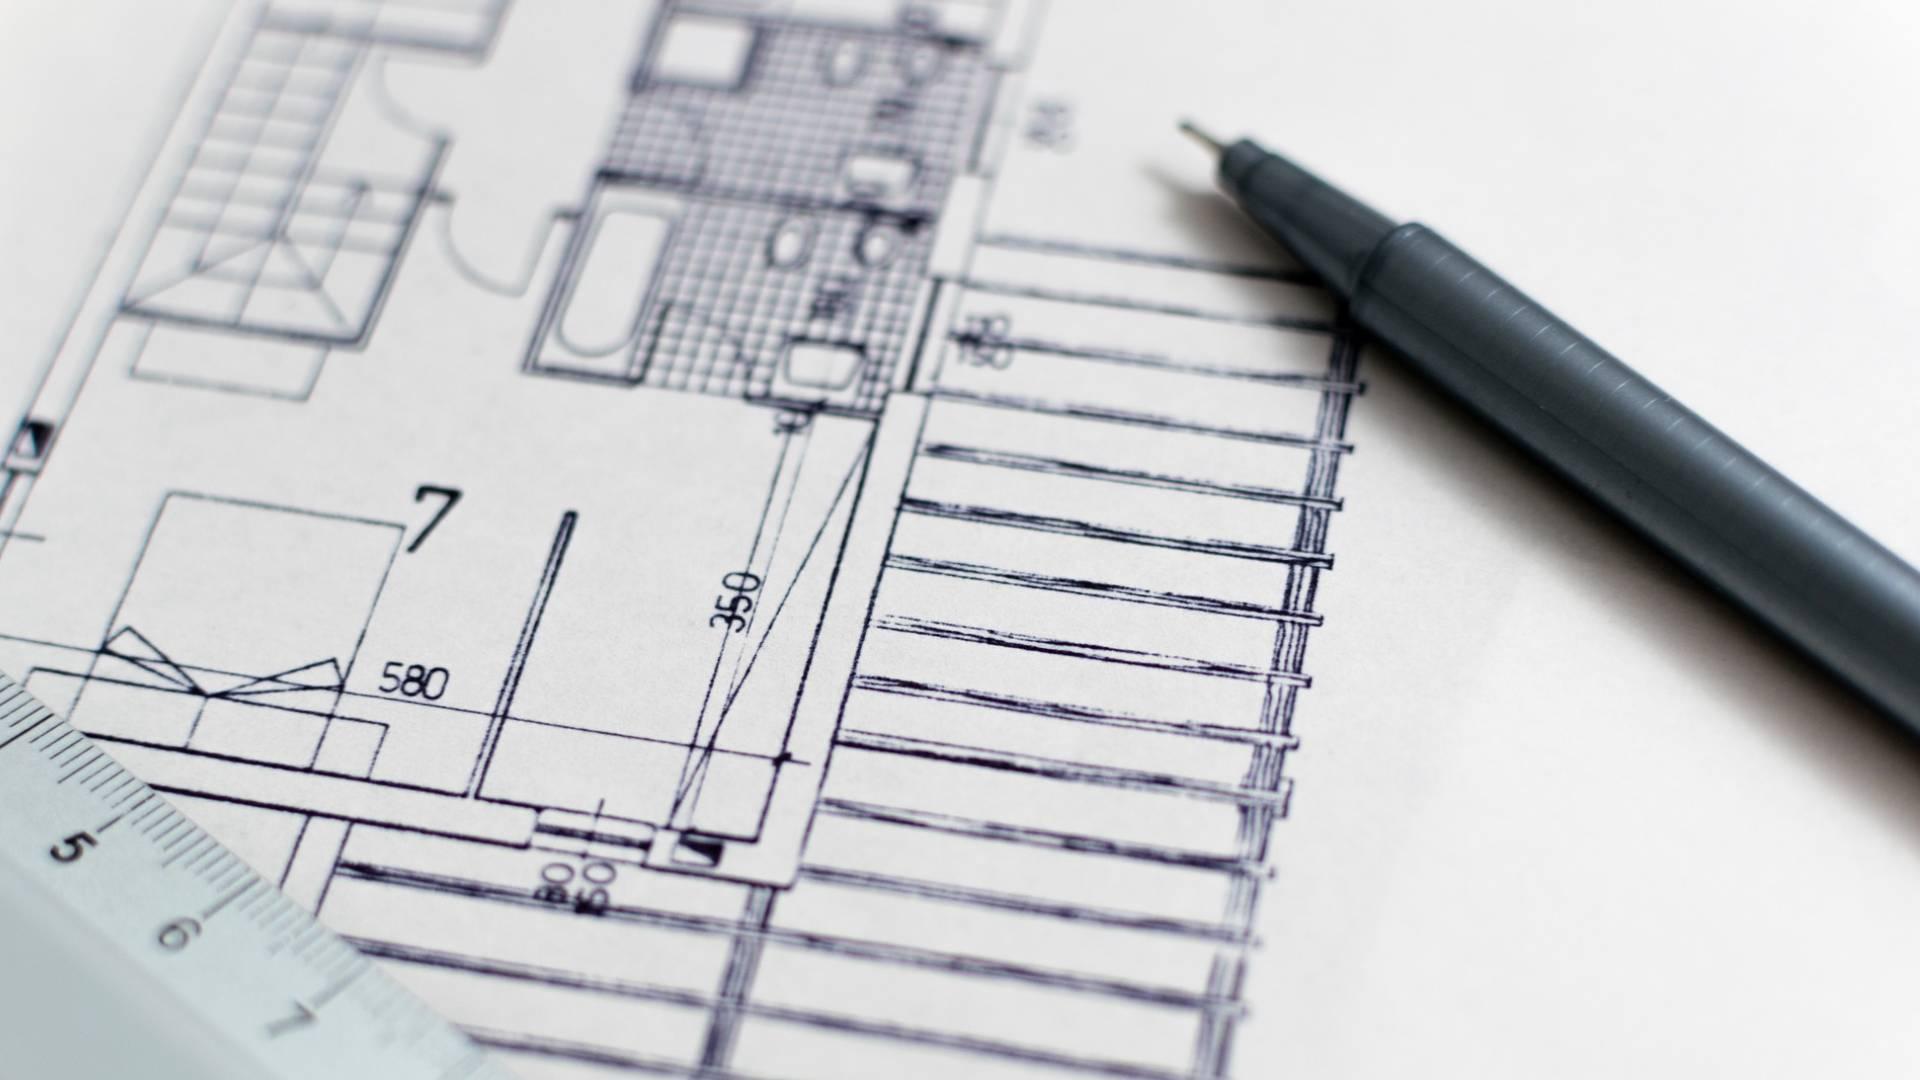 Jak dlouho trvá realizace regulace v domě?